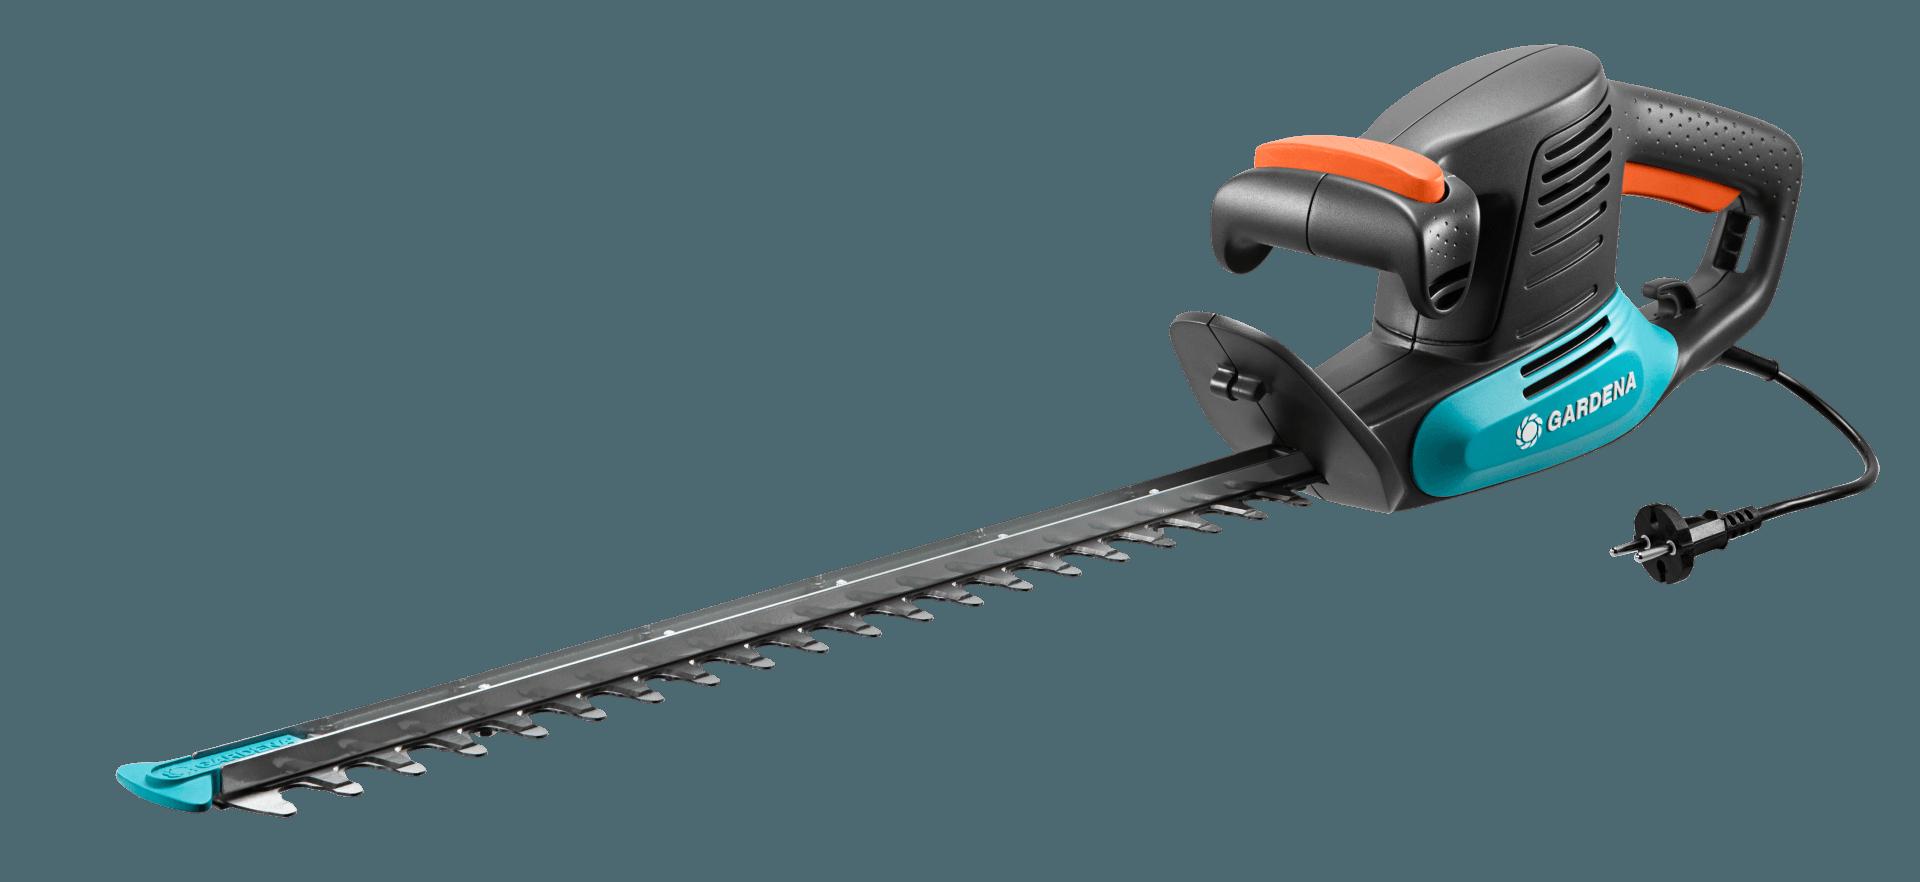 elektrische heggenschaar EasyCut 450/50